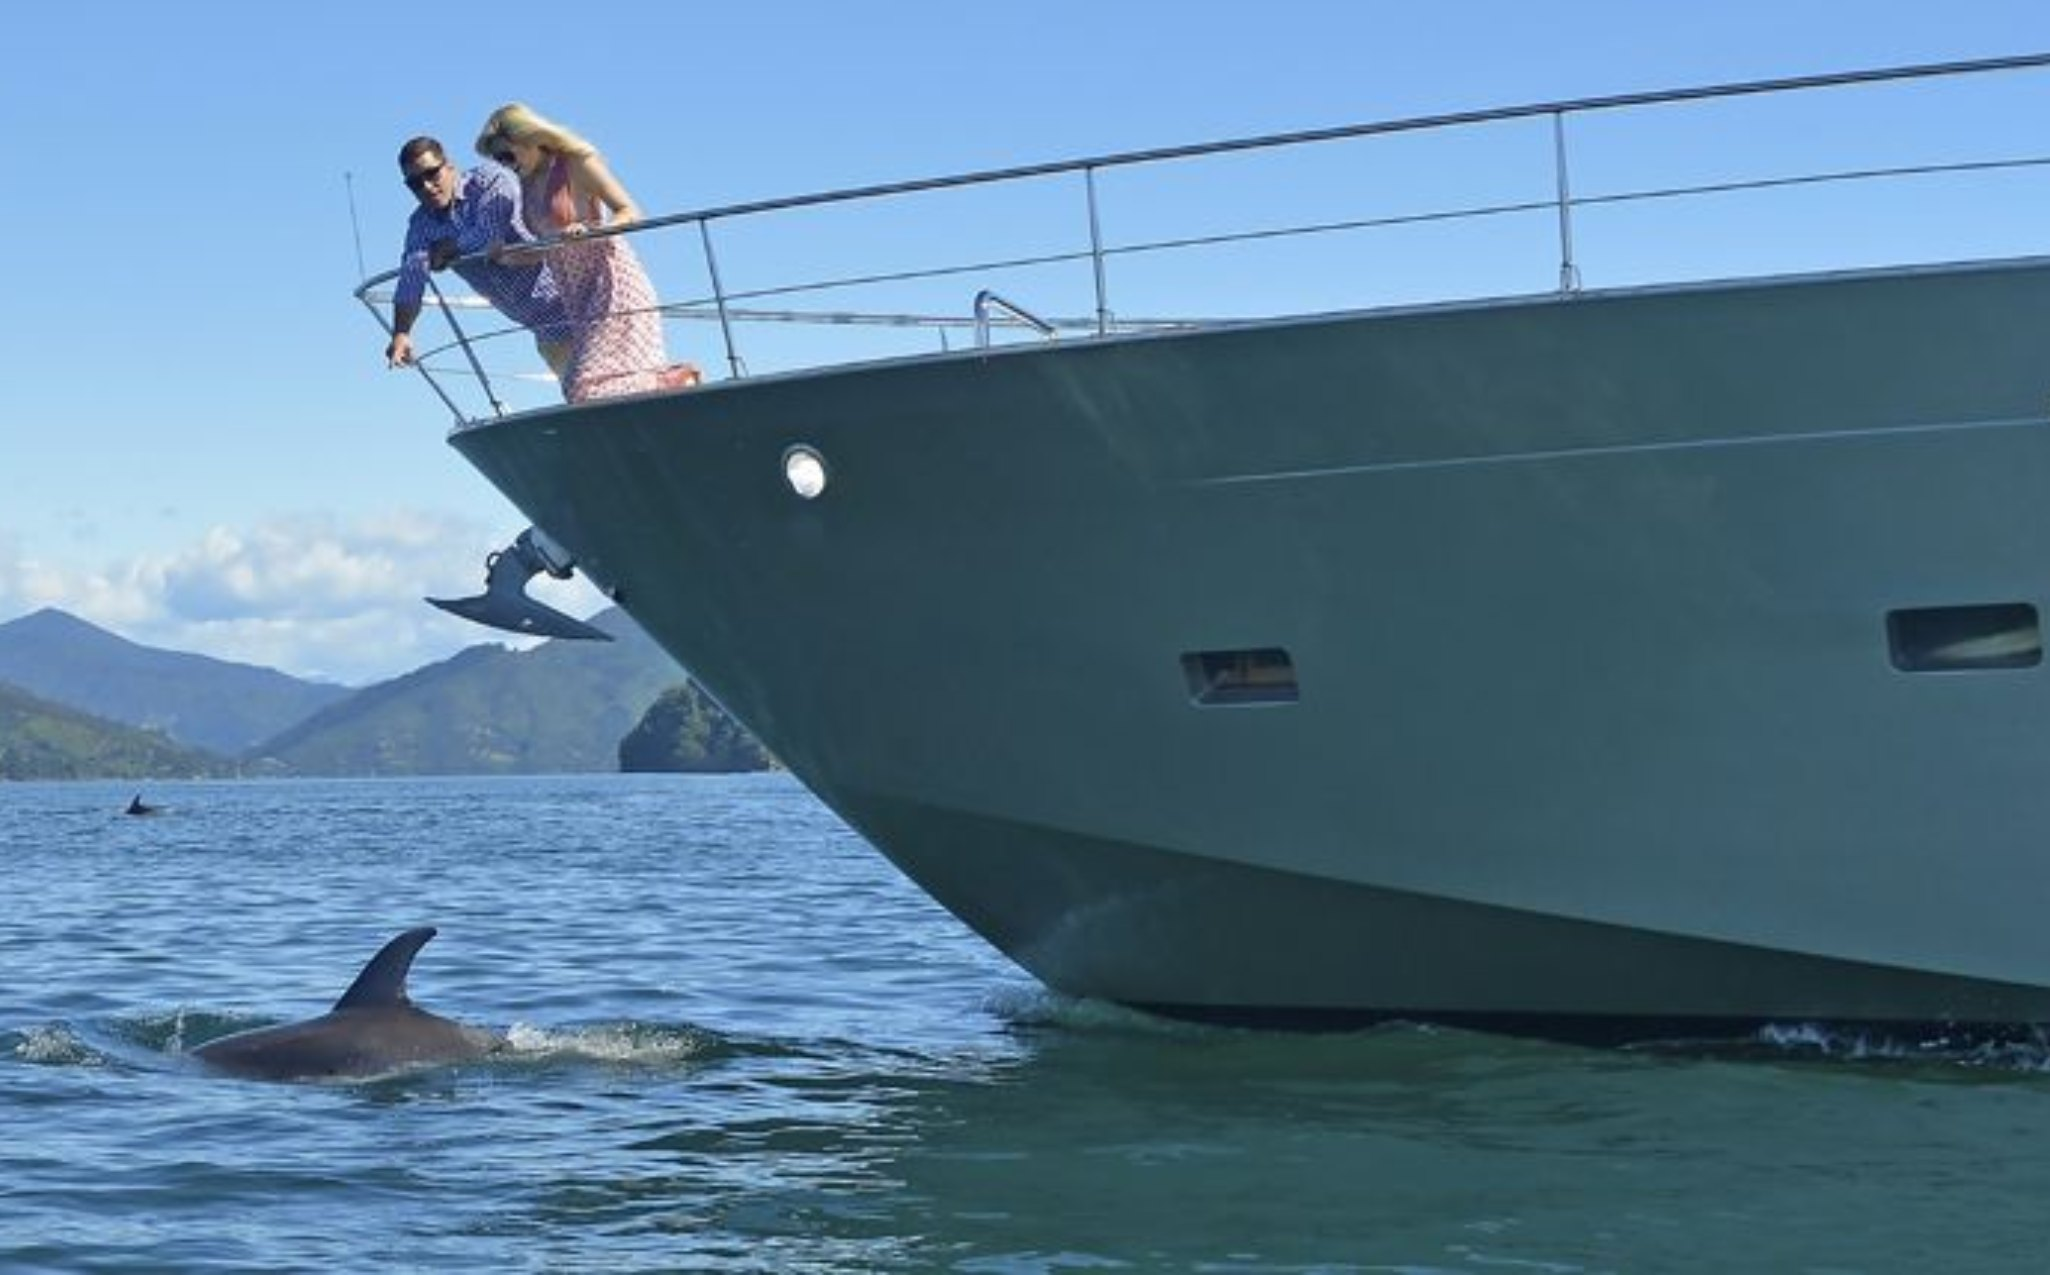 Tarquin Cruise on Board